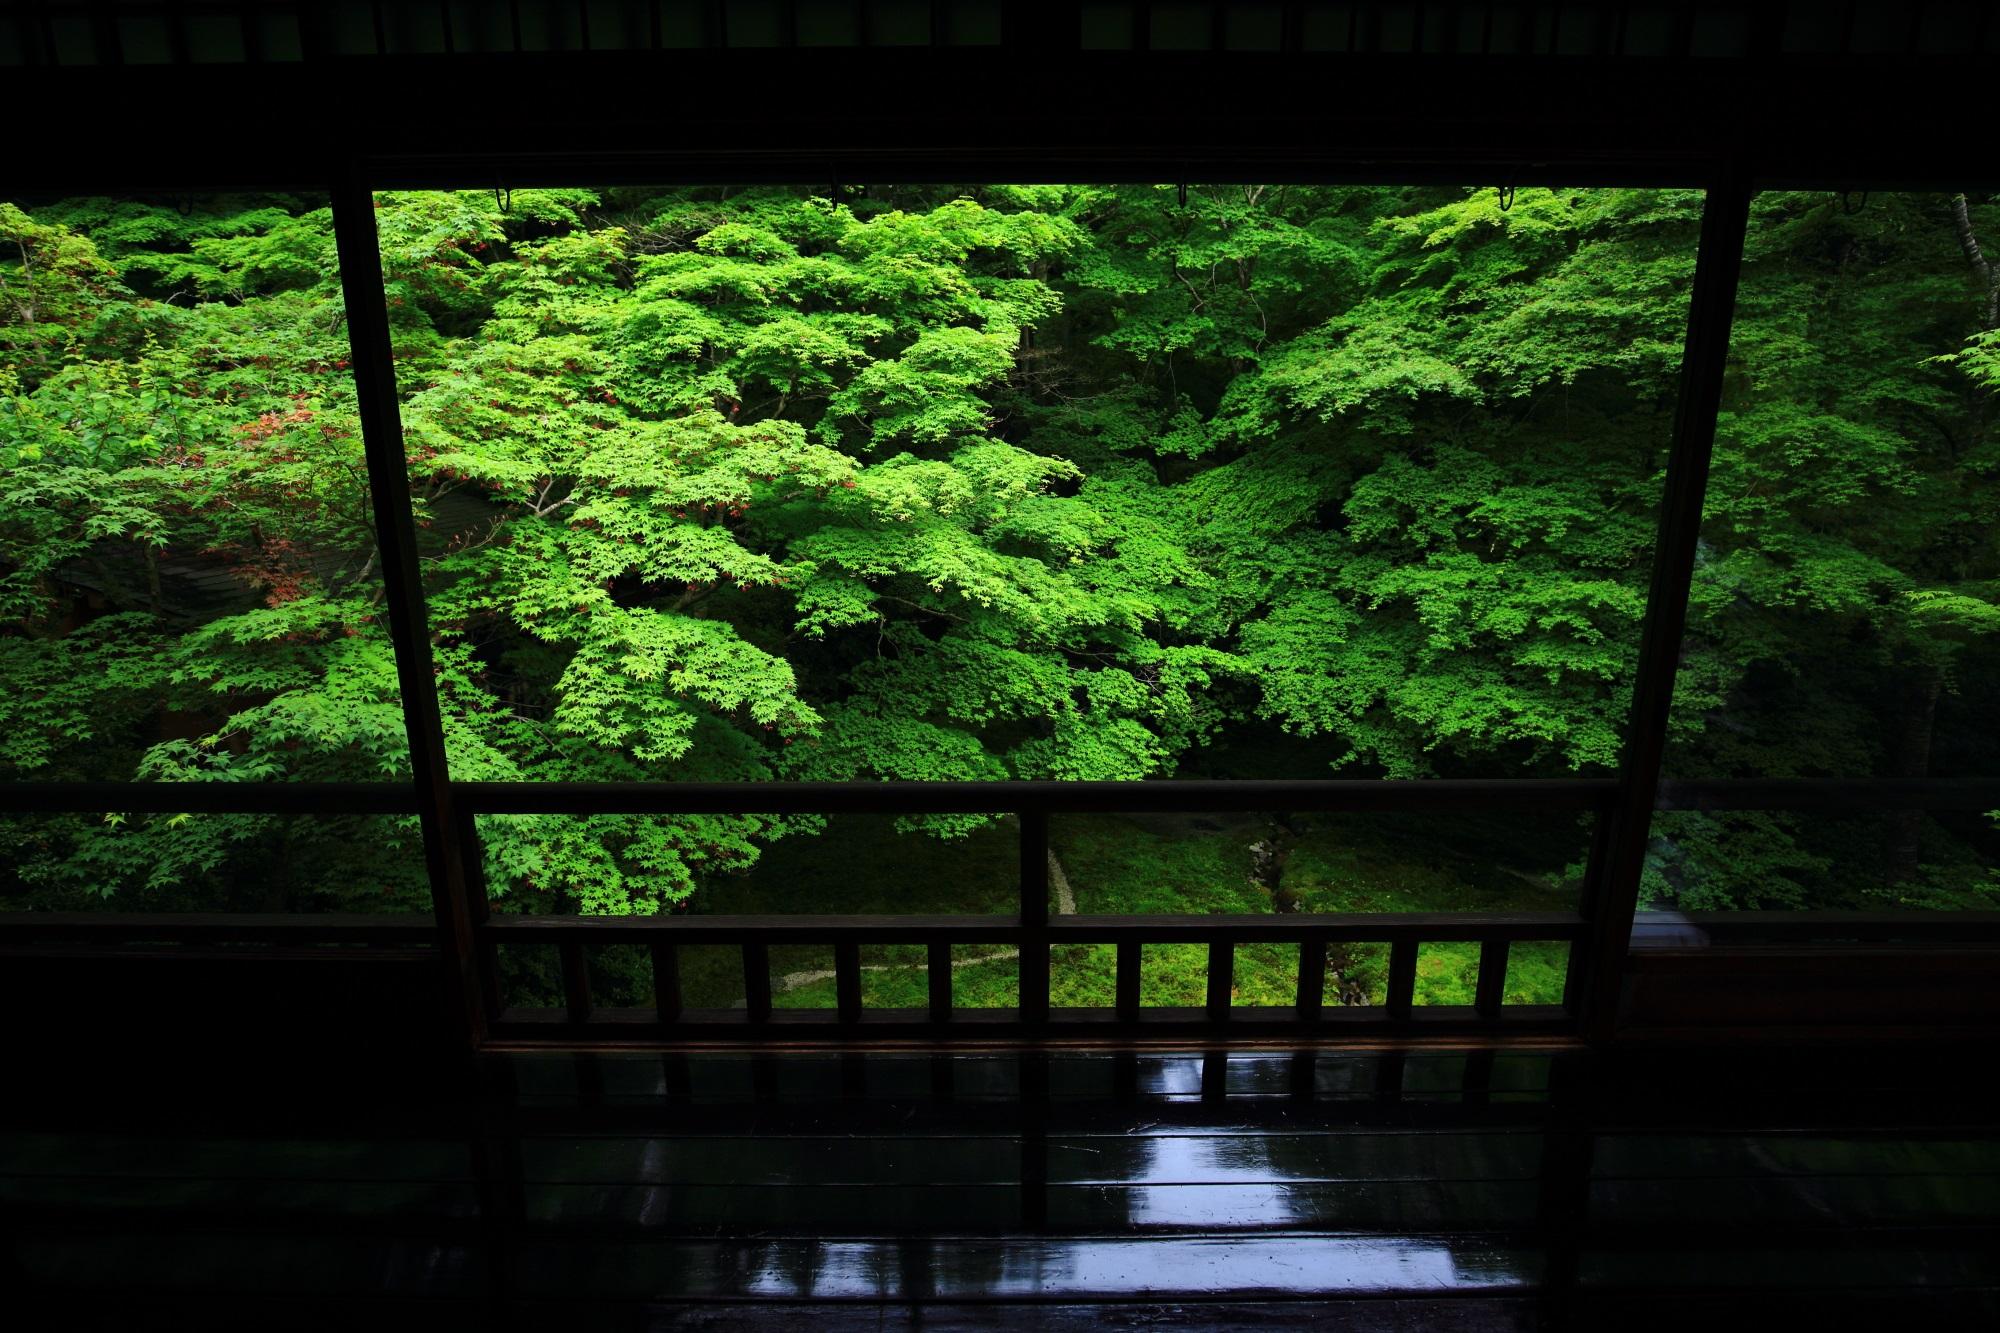 青もみじ 瑠璃光院 圧巻 瑠璃の庭